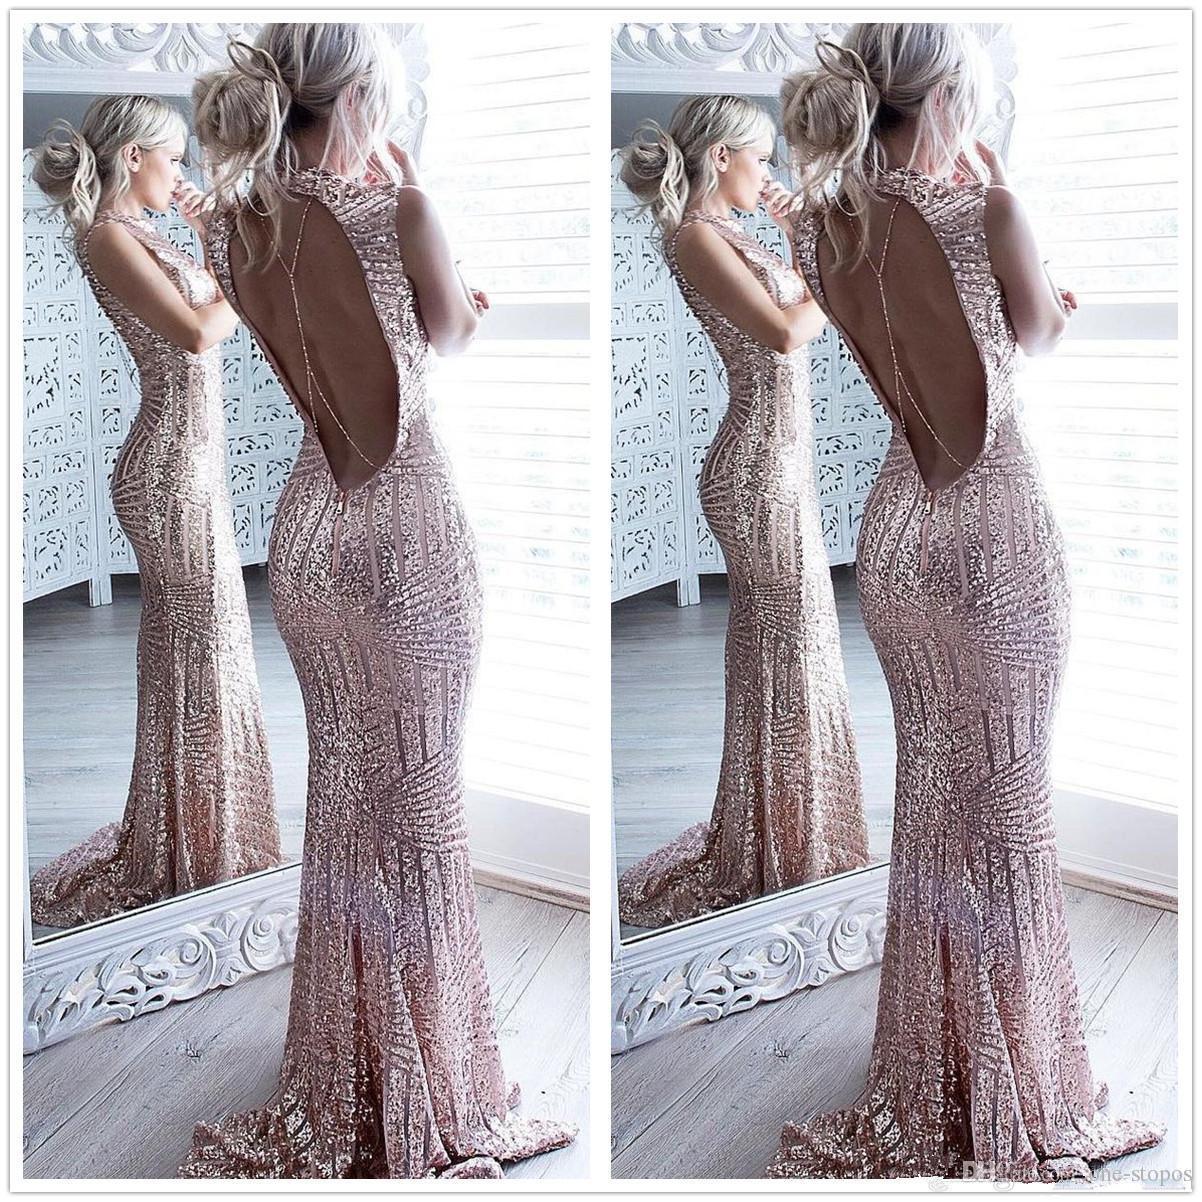 Rose Gold Pailletten Meerjungfrau Prom Kleider 2017 Sexy Backless Abendkleider Promi Party Kleider